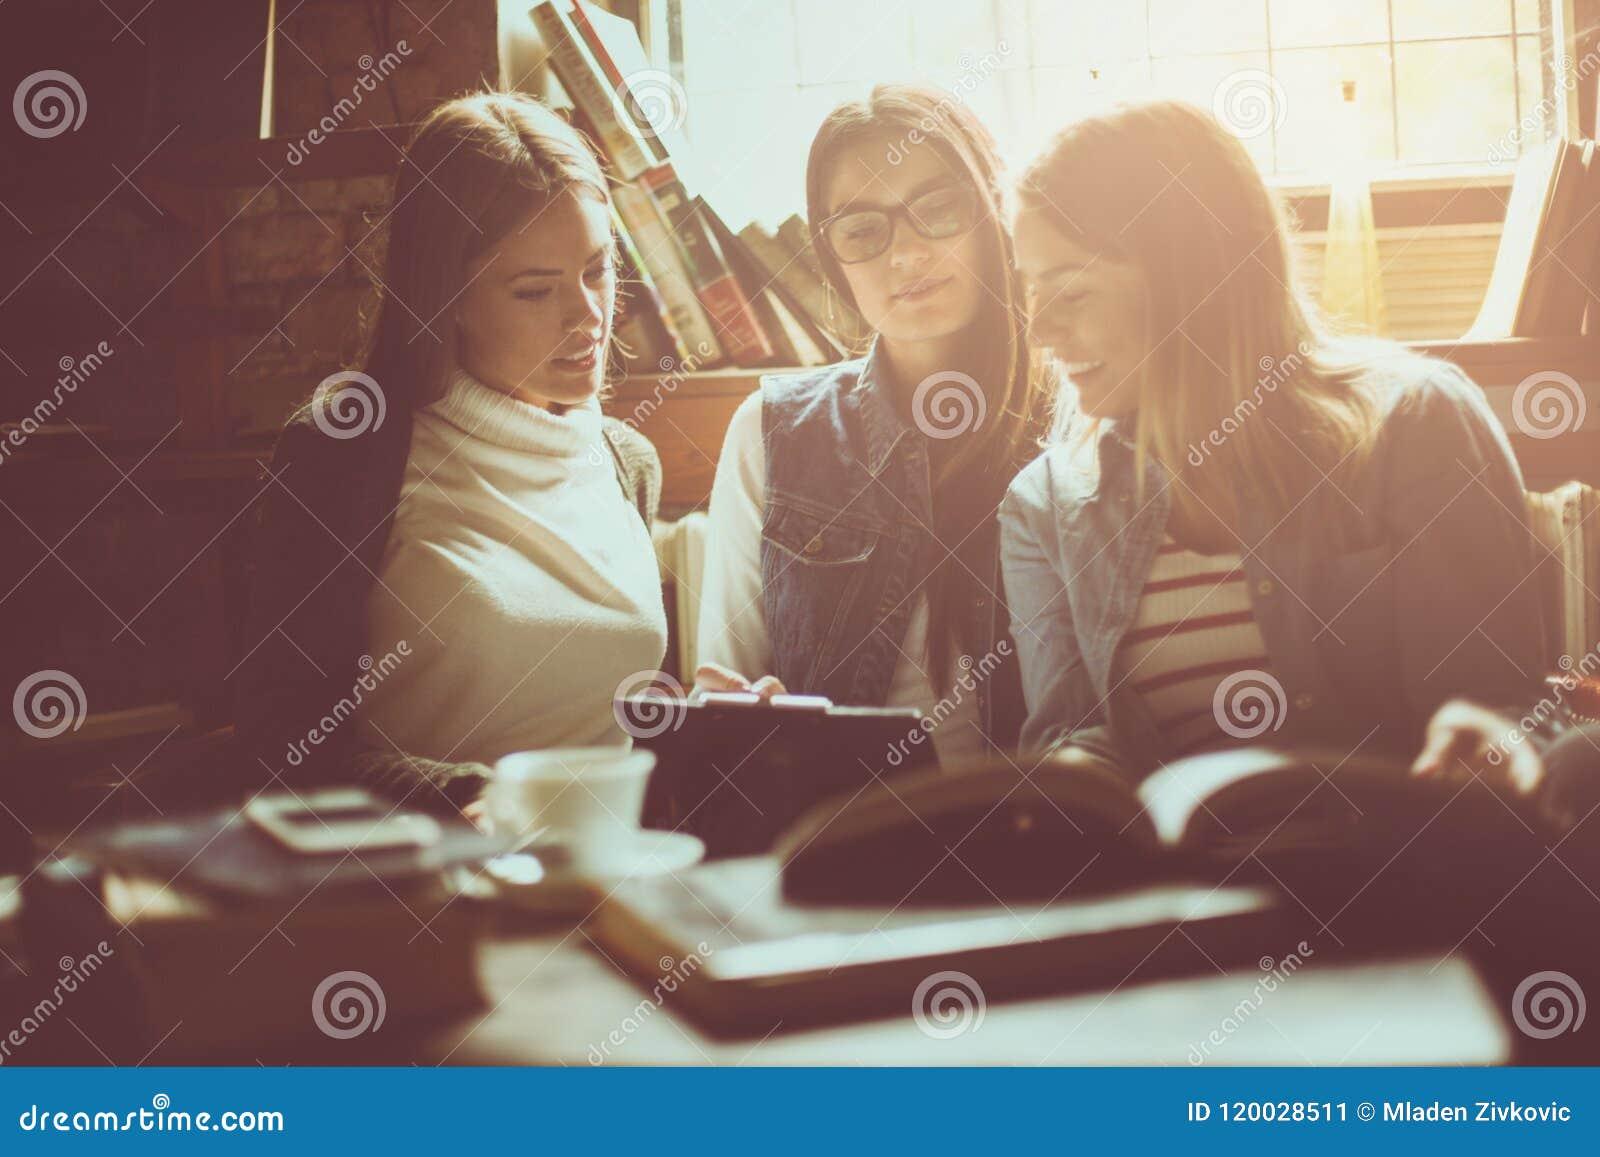 Работа студентам девушки зарплата веб моделью